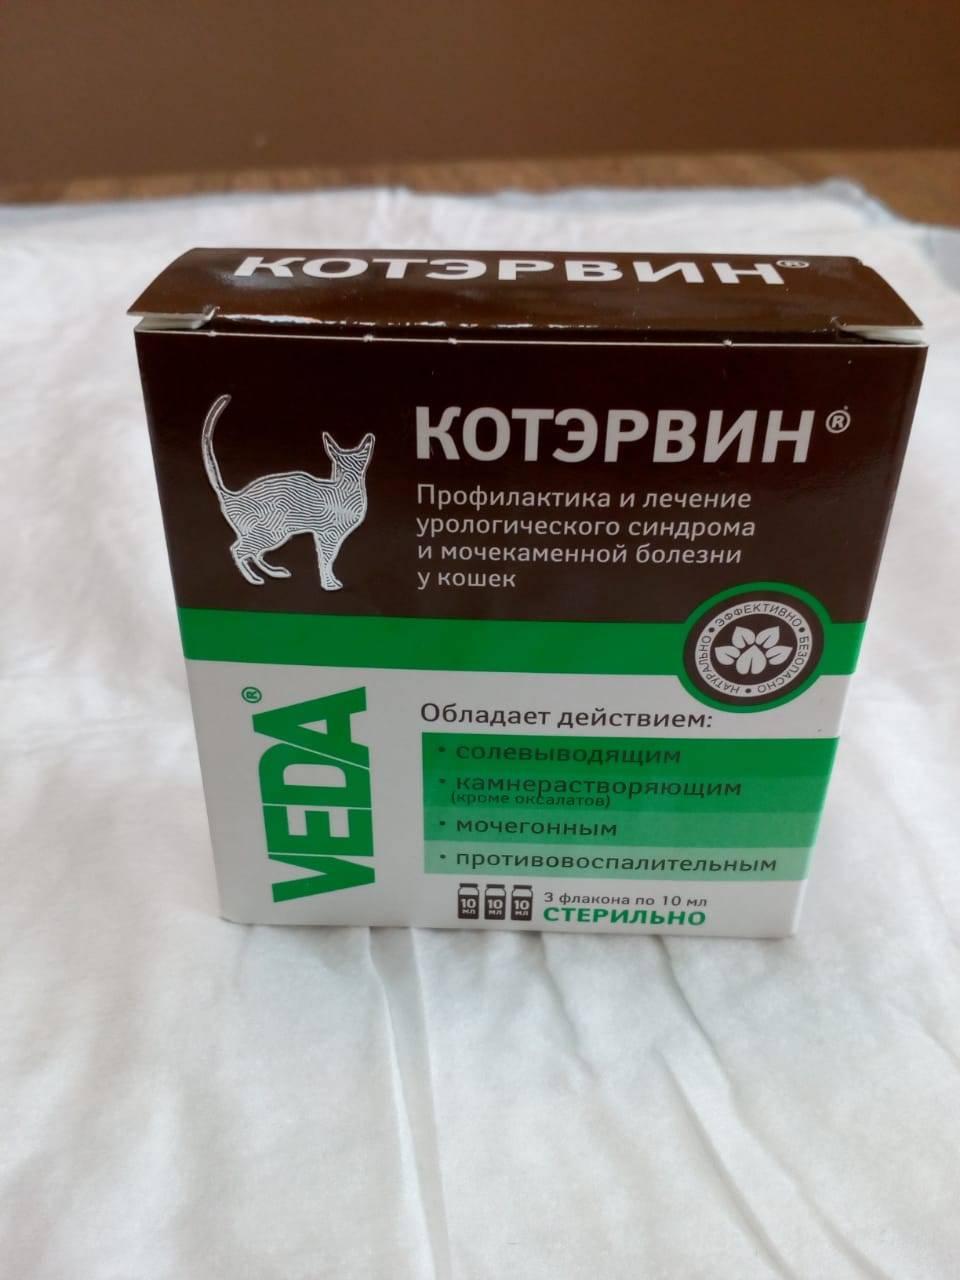 Инструкция по применению котэрвин для кошек: состав и форма выпуска, показания, аналоги и отзывы ветеринаров